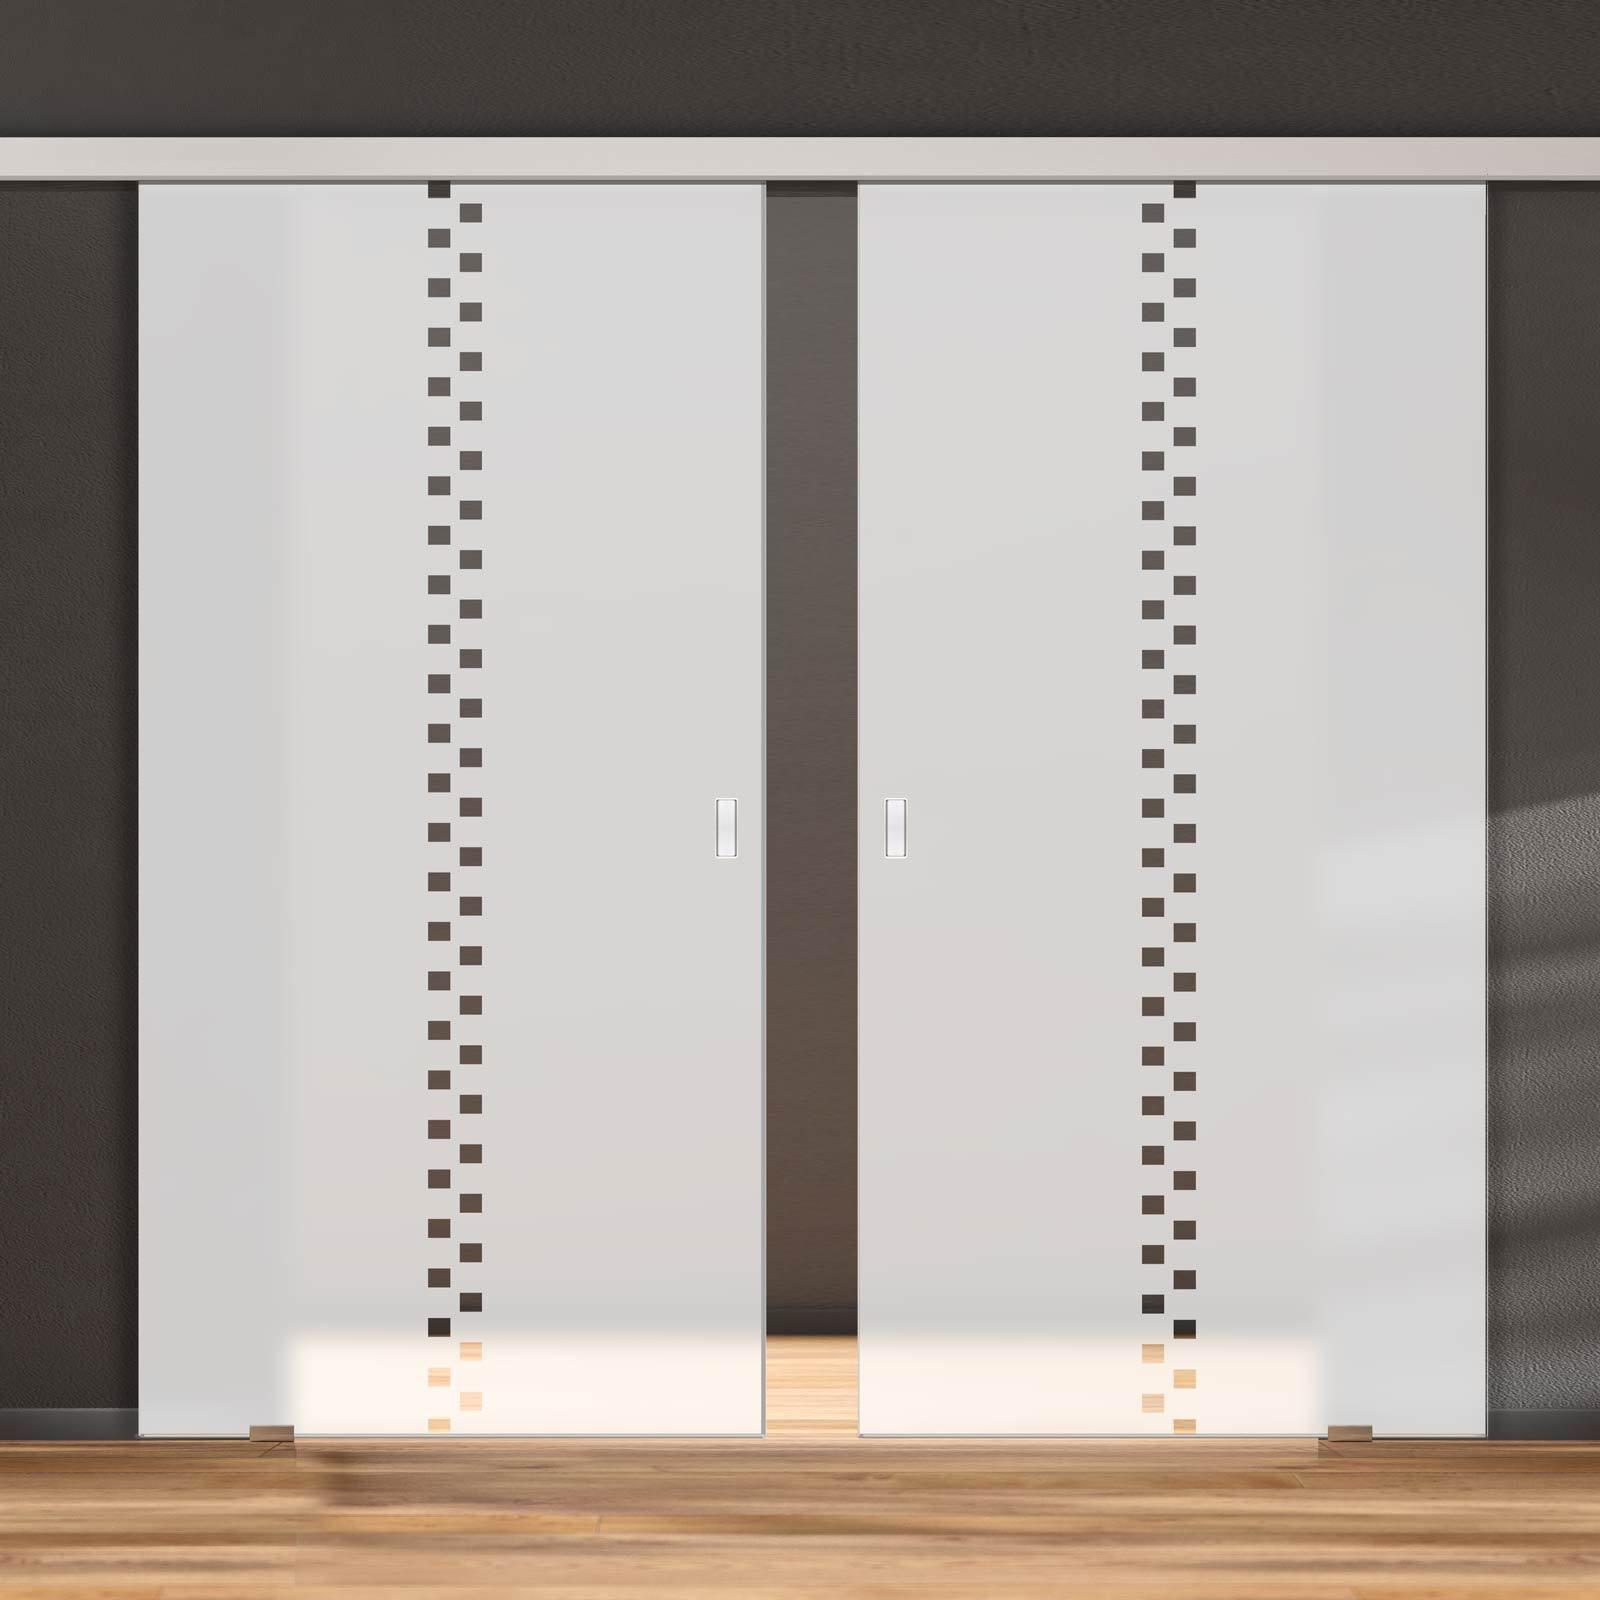 Double Glass Sliding Door Bilston 8mm Obscure Glass Clear Printed Design Planeo 60 Pro Kit Sliding Glass Door Double Doors Door Cost